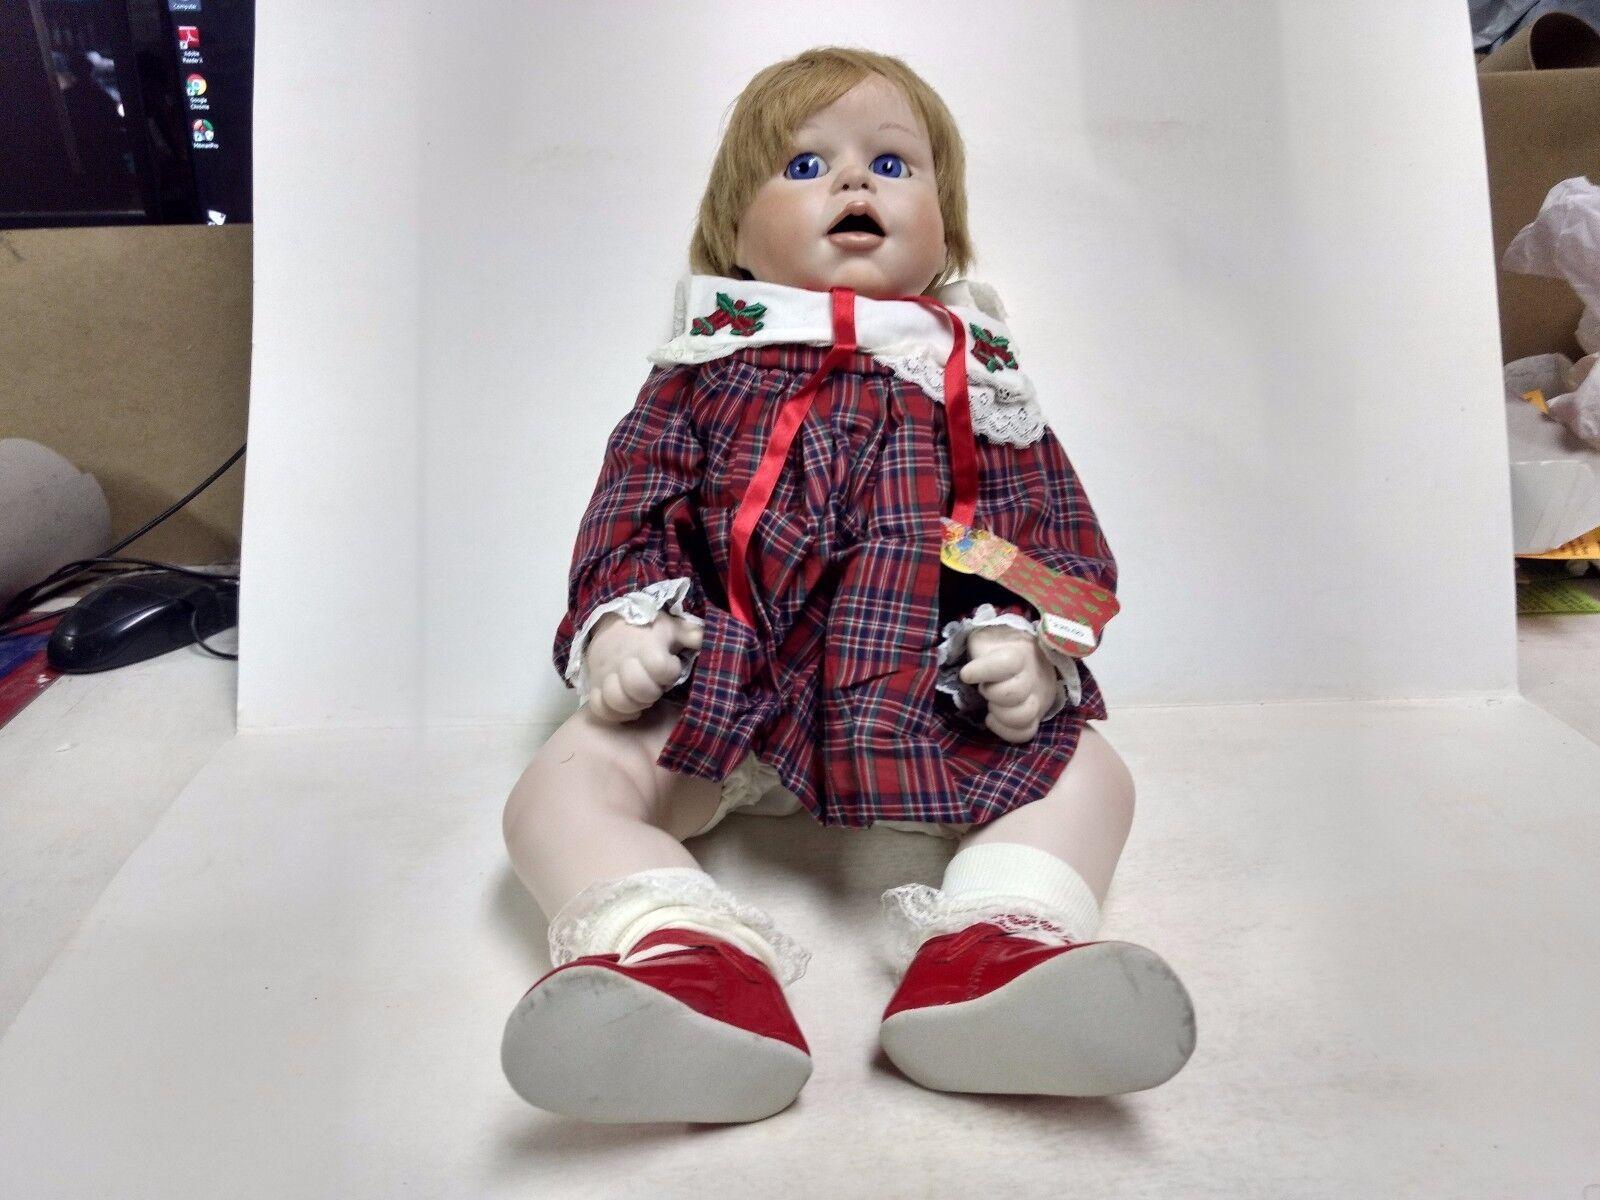 Christmas Handgefertigtes Porzellan Reproduktion Zoll Punkin Puppe 1988 Rot